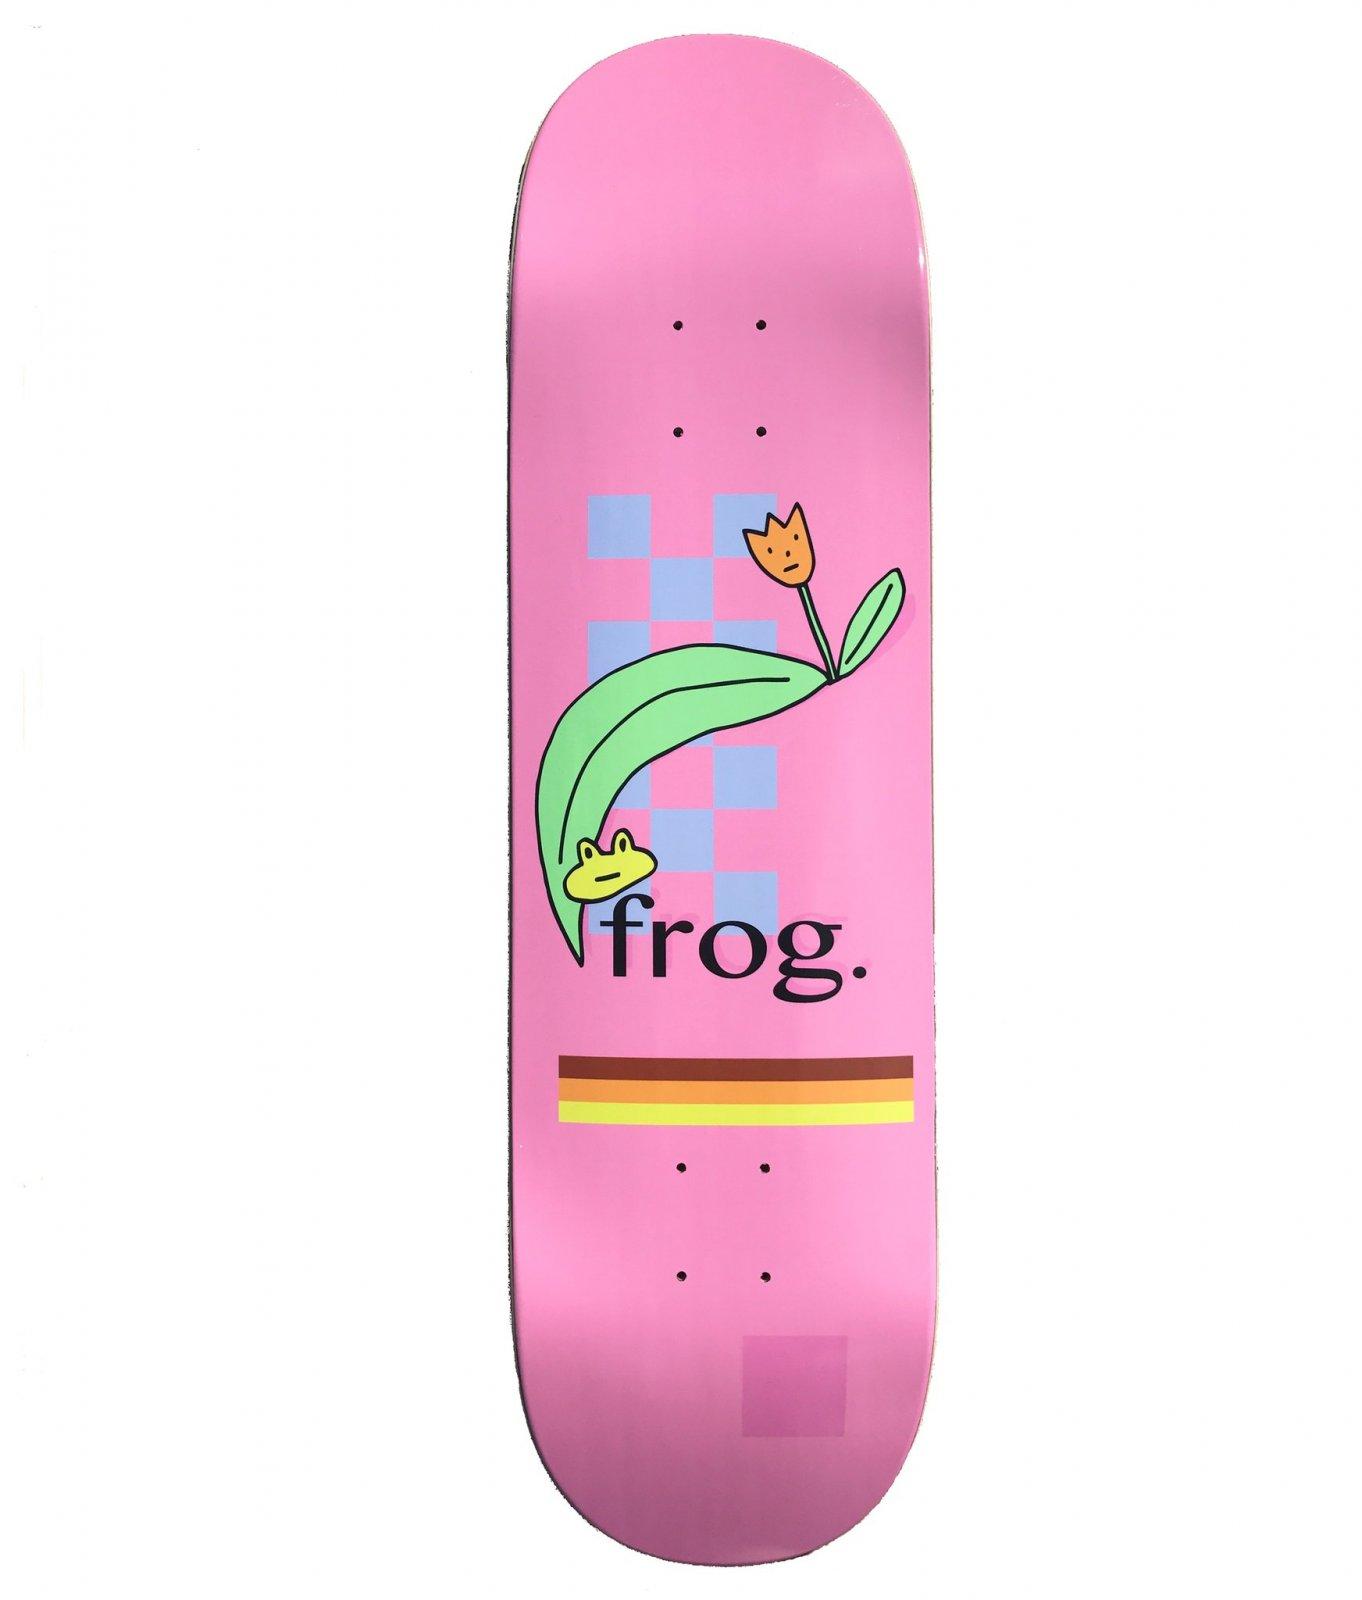 Frog Skateboards Flower 8.5 x 32.4